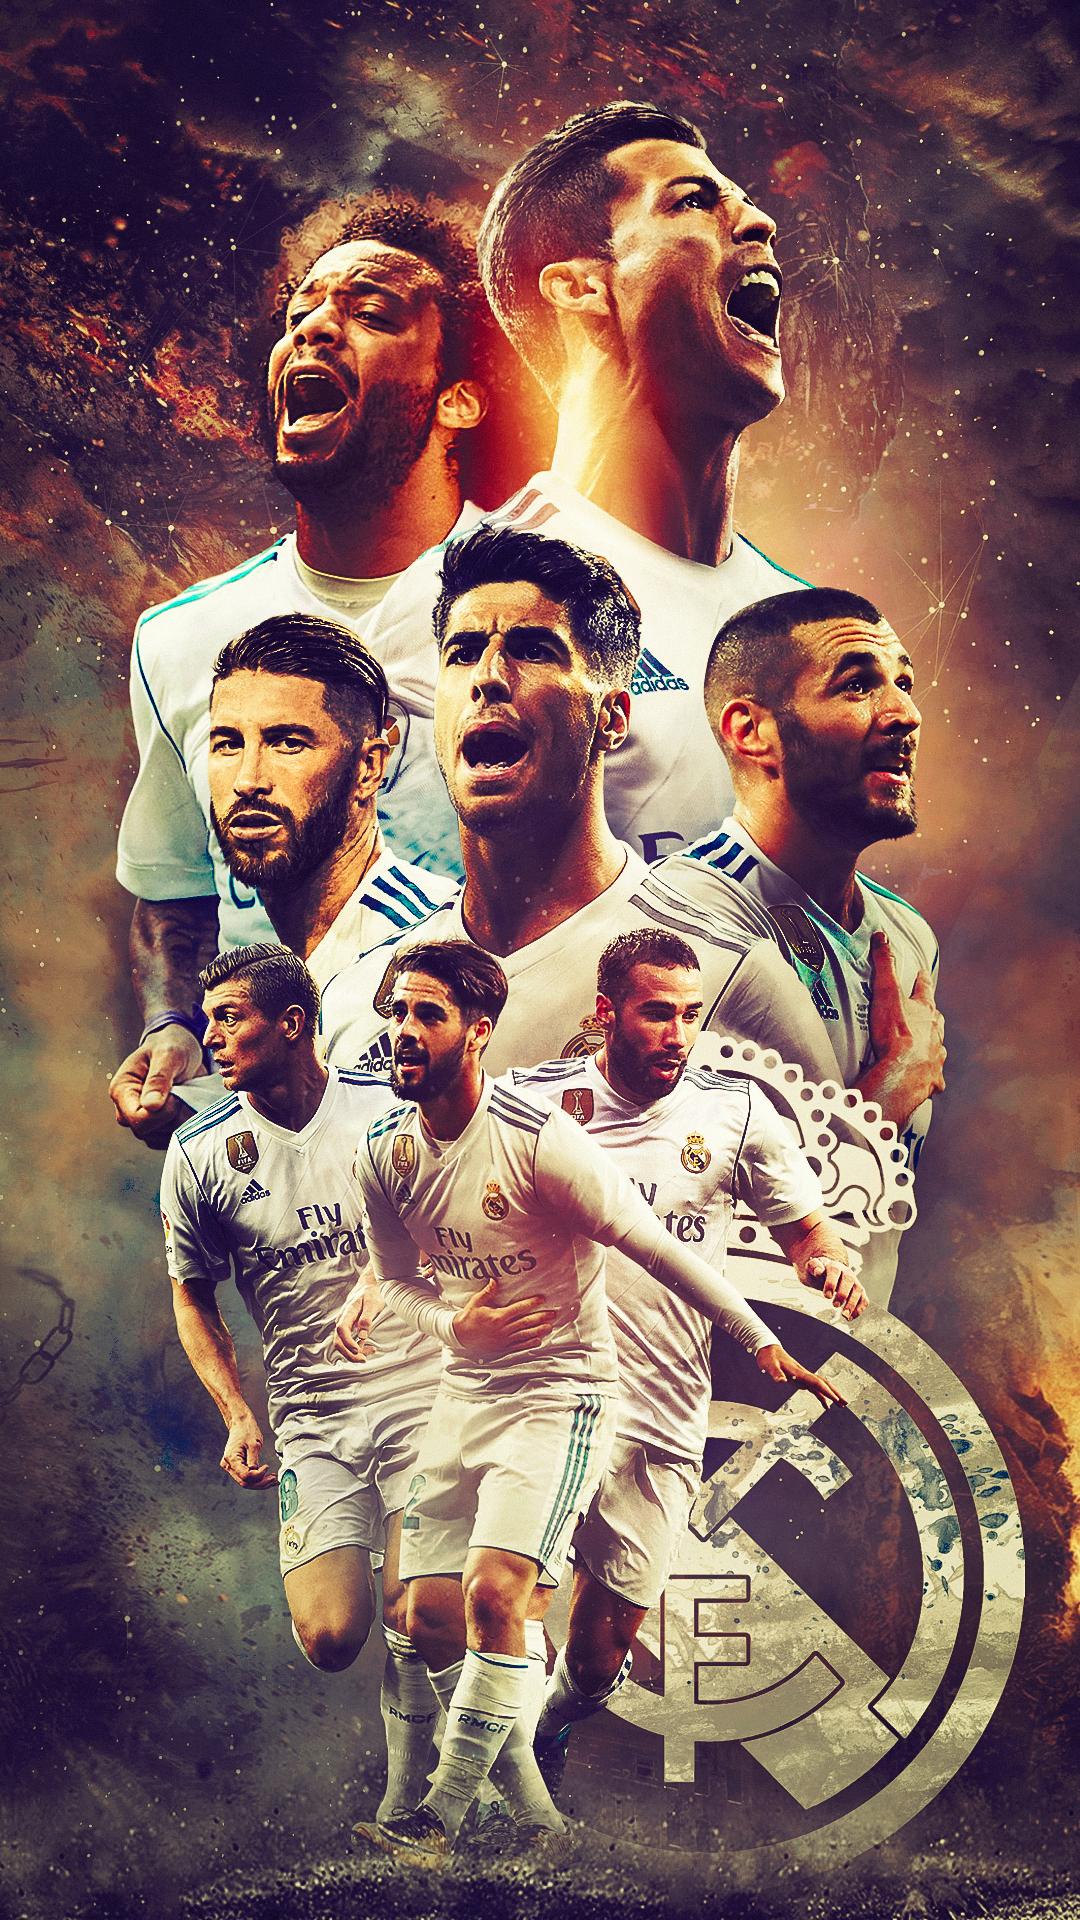 Real Madrid - HD Wallpaper by Kerimov23 on DeviantArt